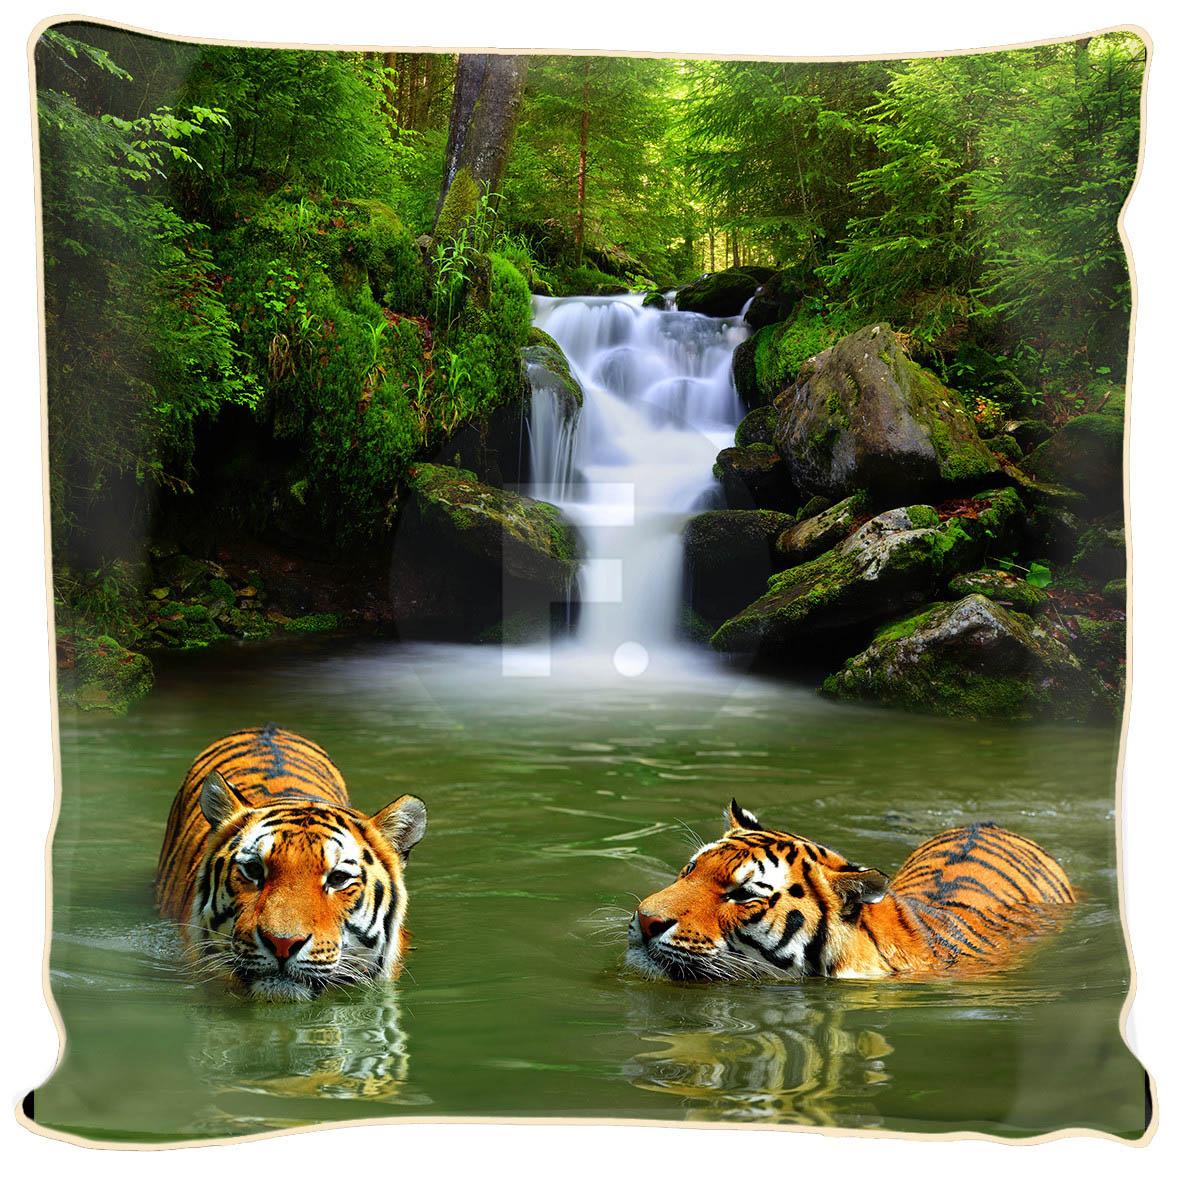 Декоративные подушки Fototende Декоративная подушка Miriam (45х45) декоративные подушки fototende декоративная подушка знаки зодиака 45х45